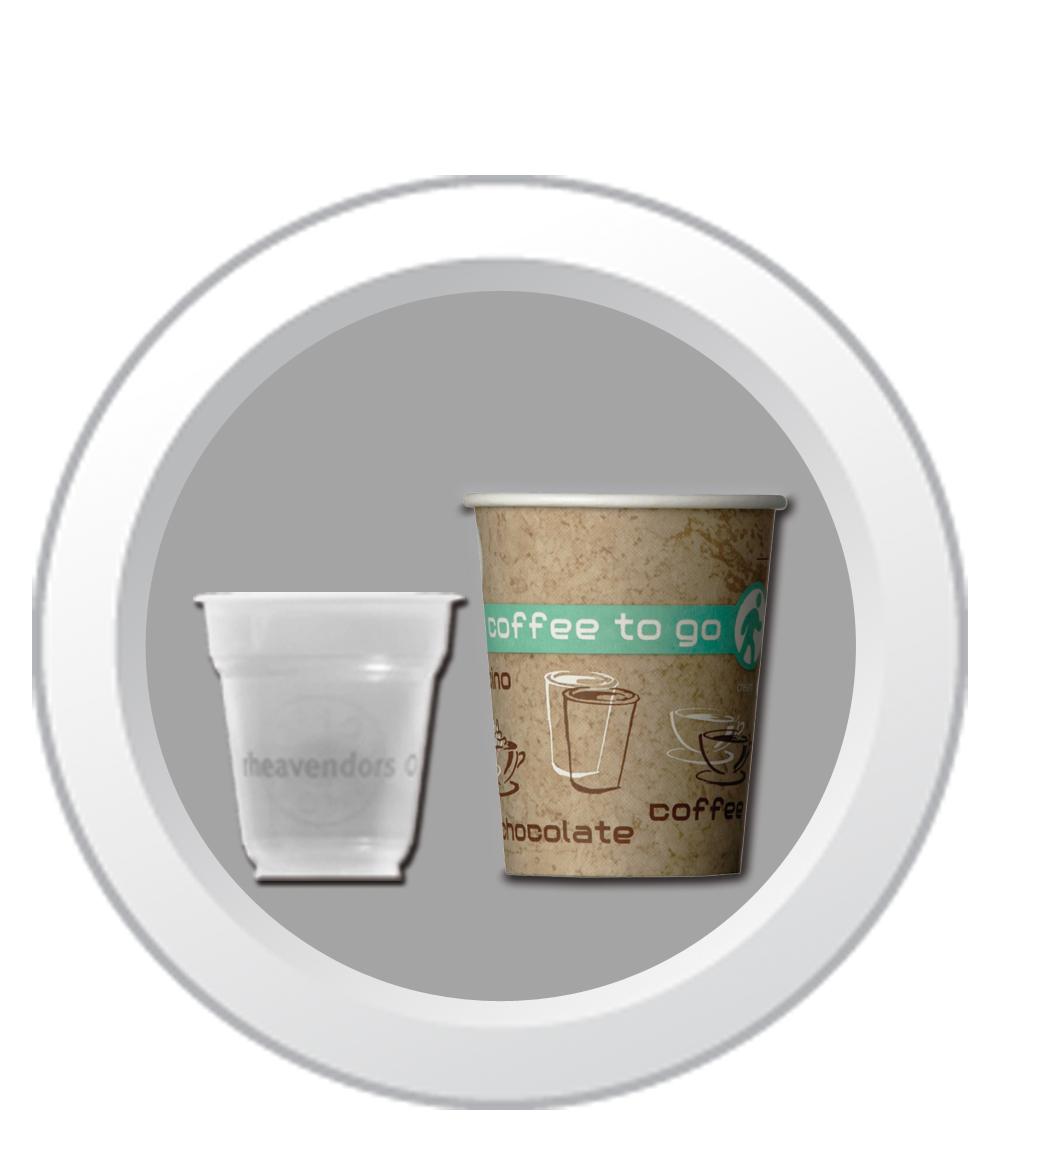 distributeur de boissons chaudes double gobelets de 15cl 30cl cafe company services. Black Bedroom Furniture Sets. Home Design Ideas